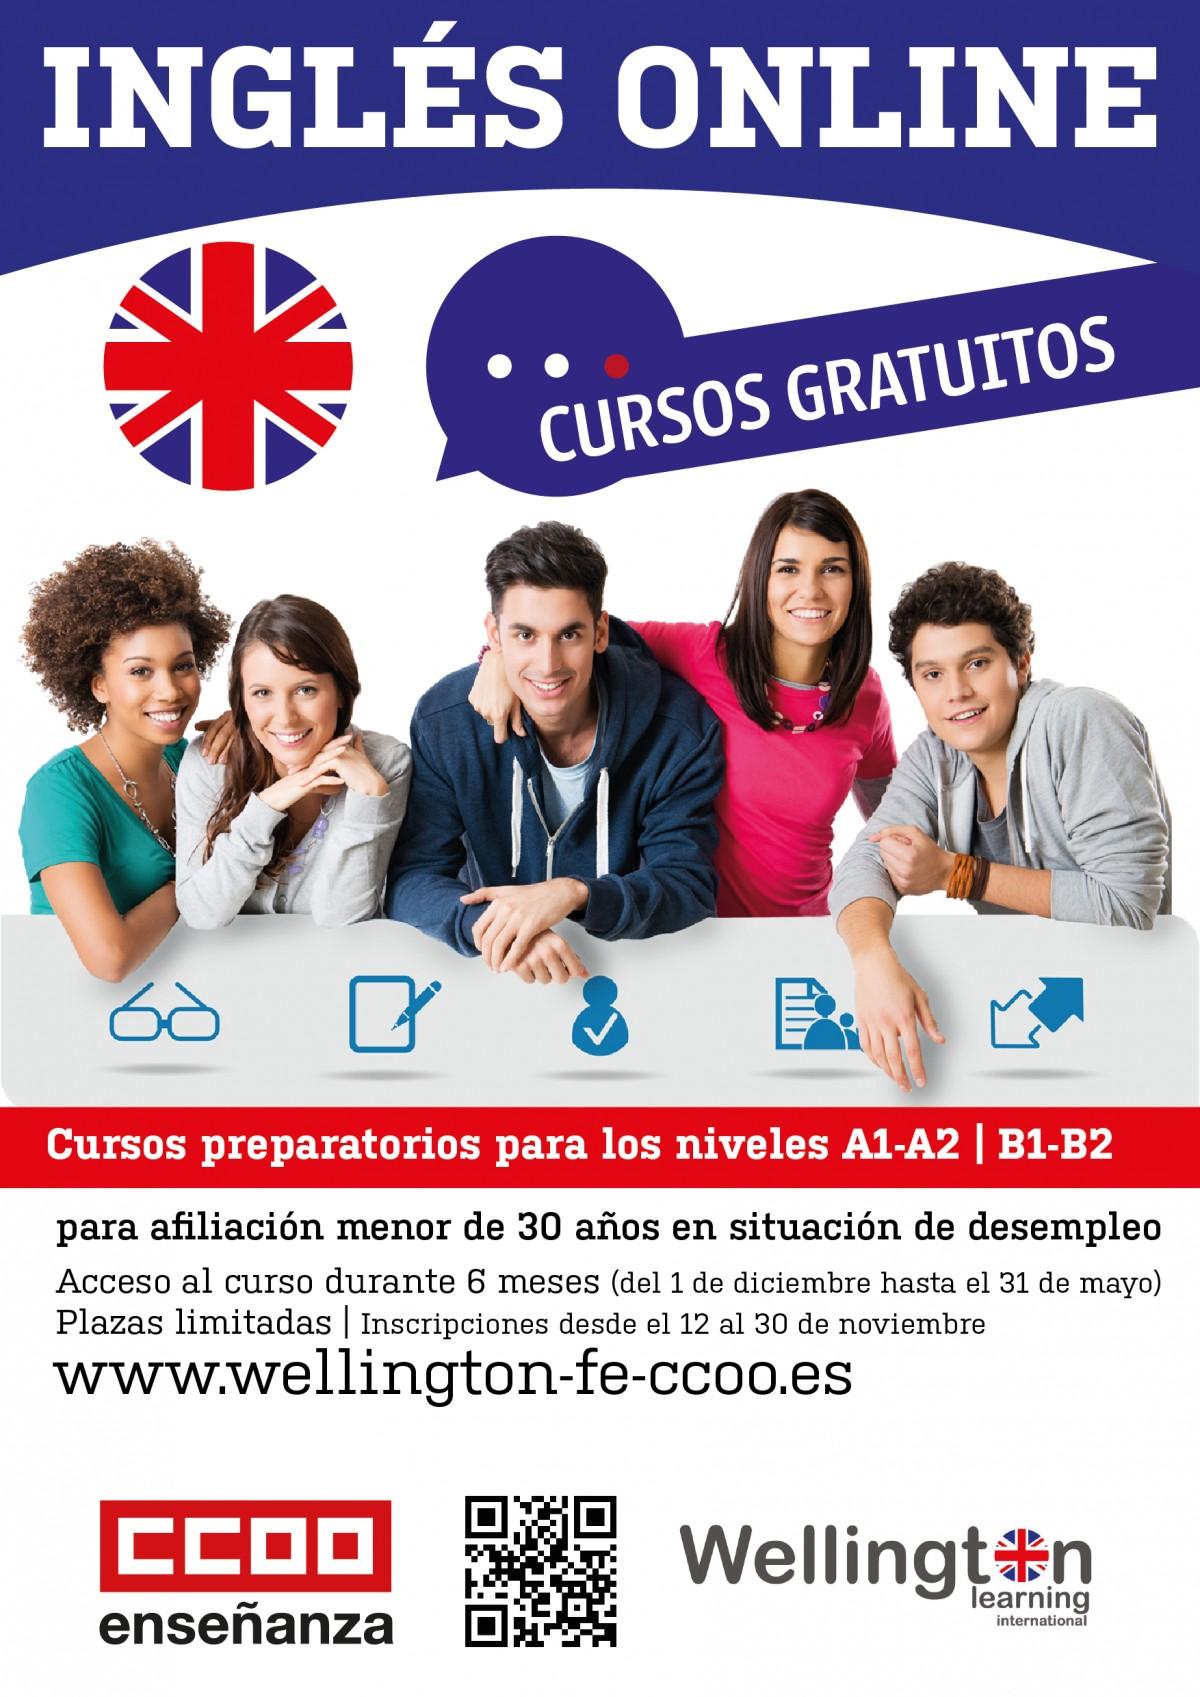 Calendario Escolar 2019 Granada Más Recientes Ccoo Ense±anza formaci³n Of Calendario Escolar 2019 Granada Más Recientemente Liberado Colegio La Piedad